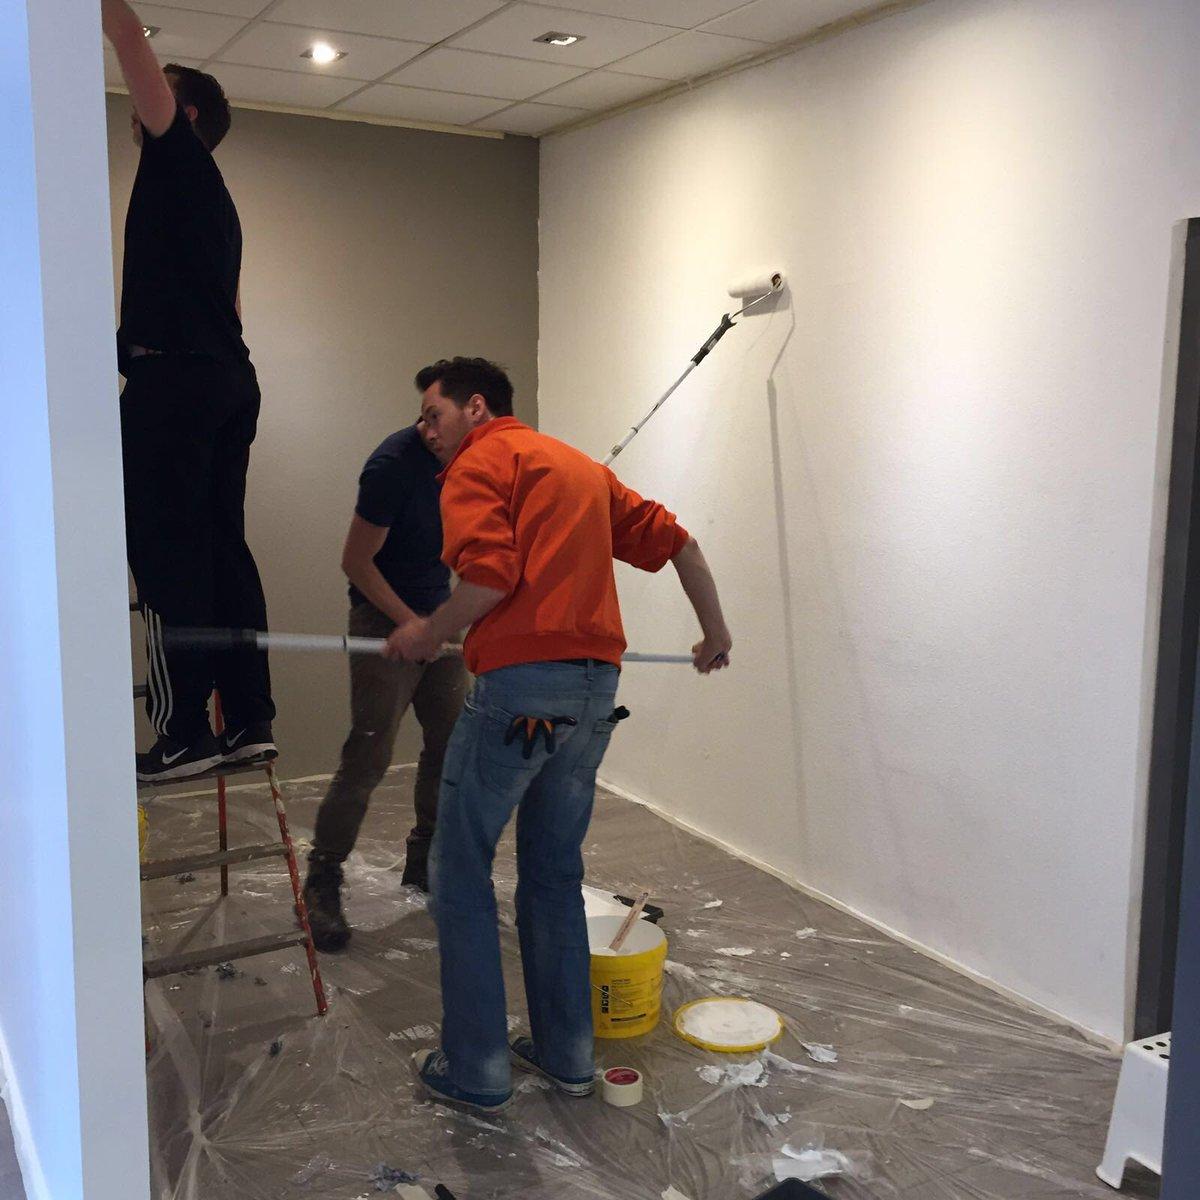 🛠 Verbouwing bij Shoots & More Den Bosch. Morgen zijn we weer open 📷😄